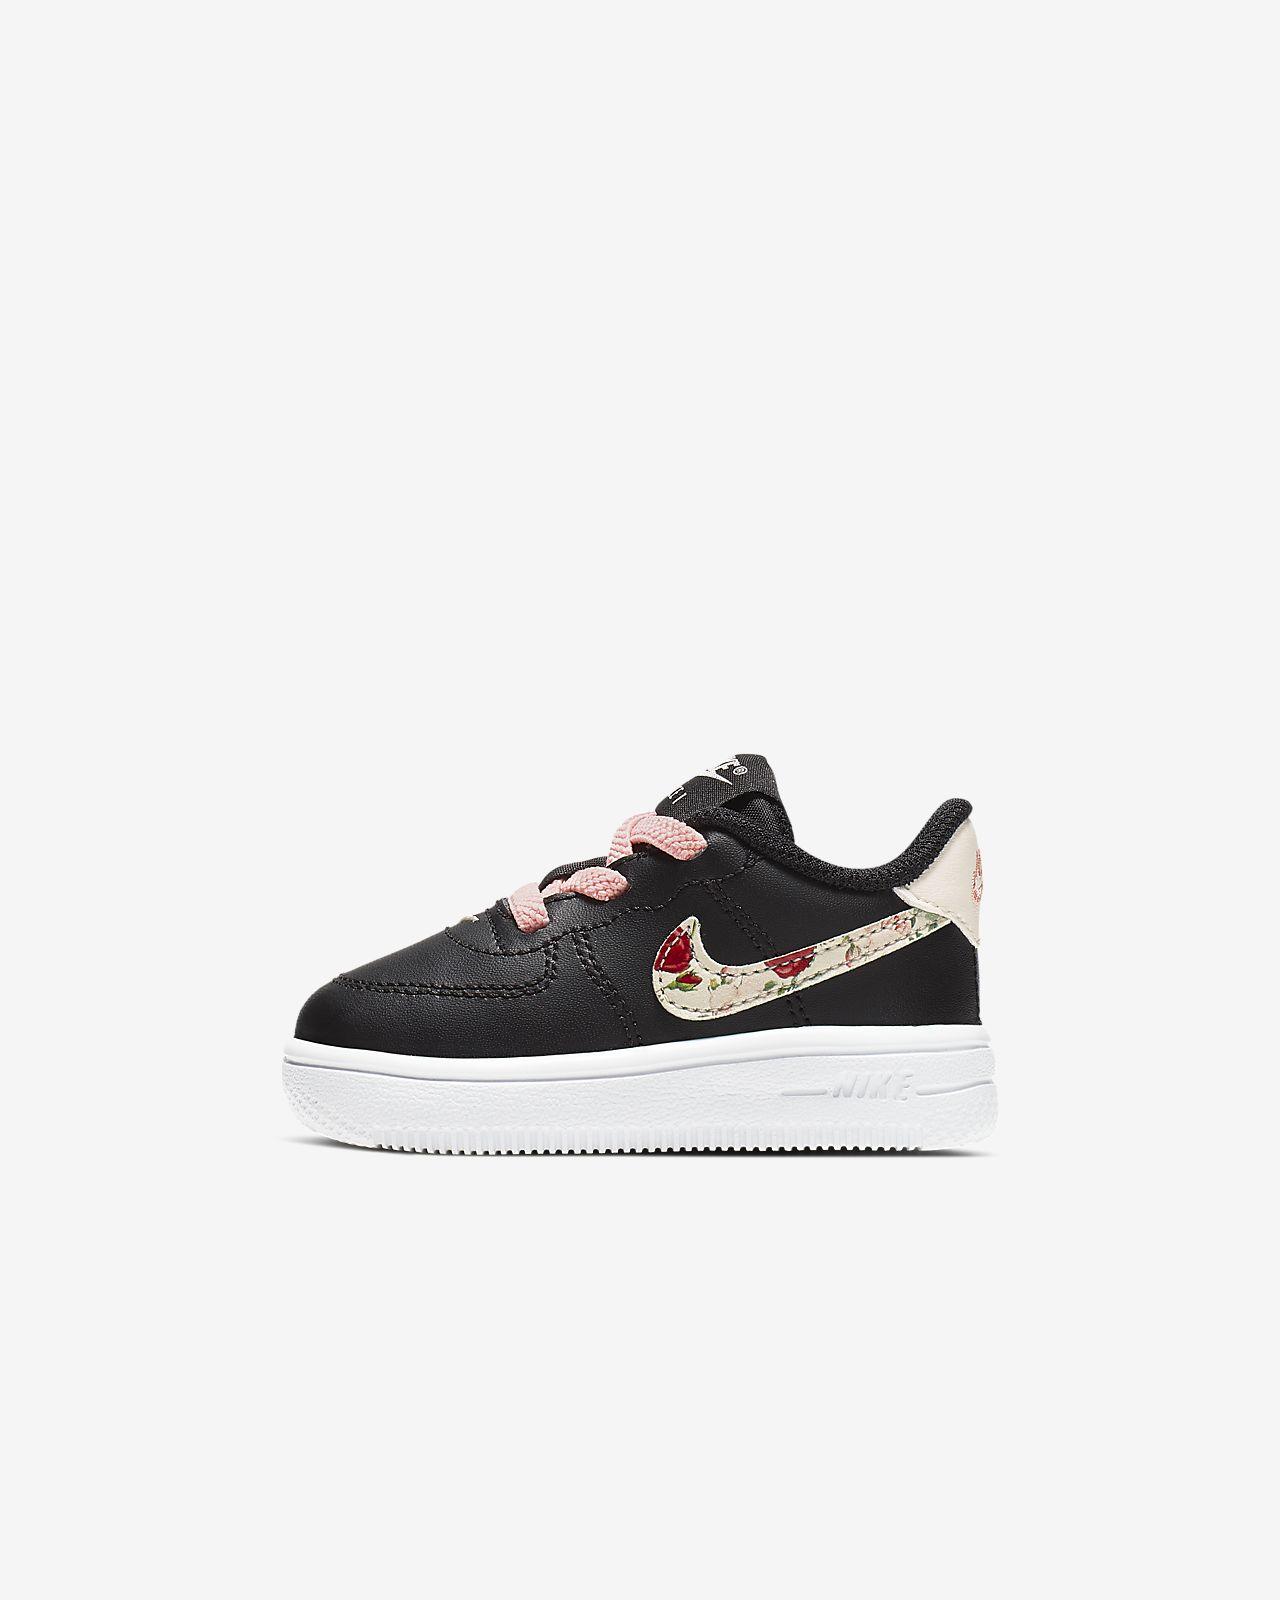 Nike Force 1 Vintage Floral sko til sped-/småbarn